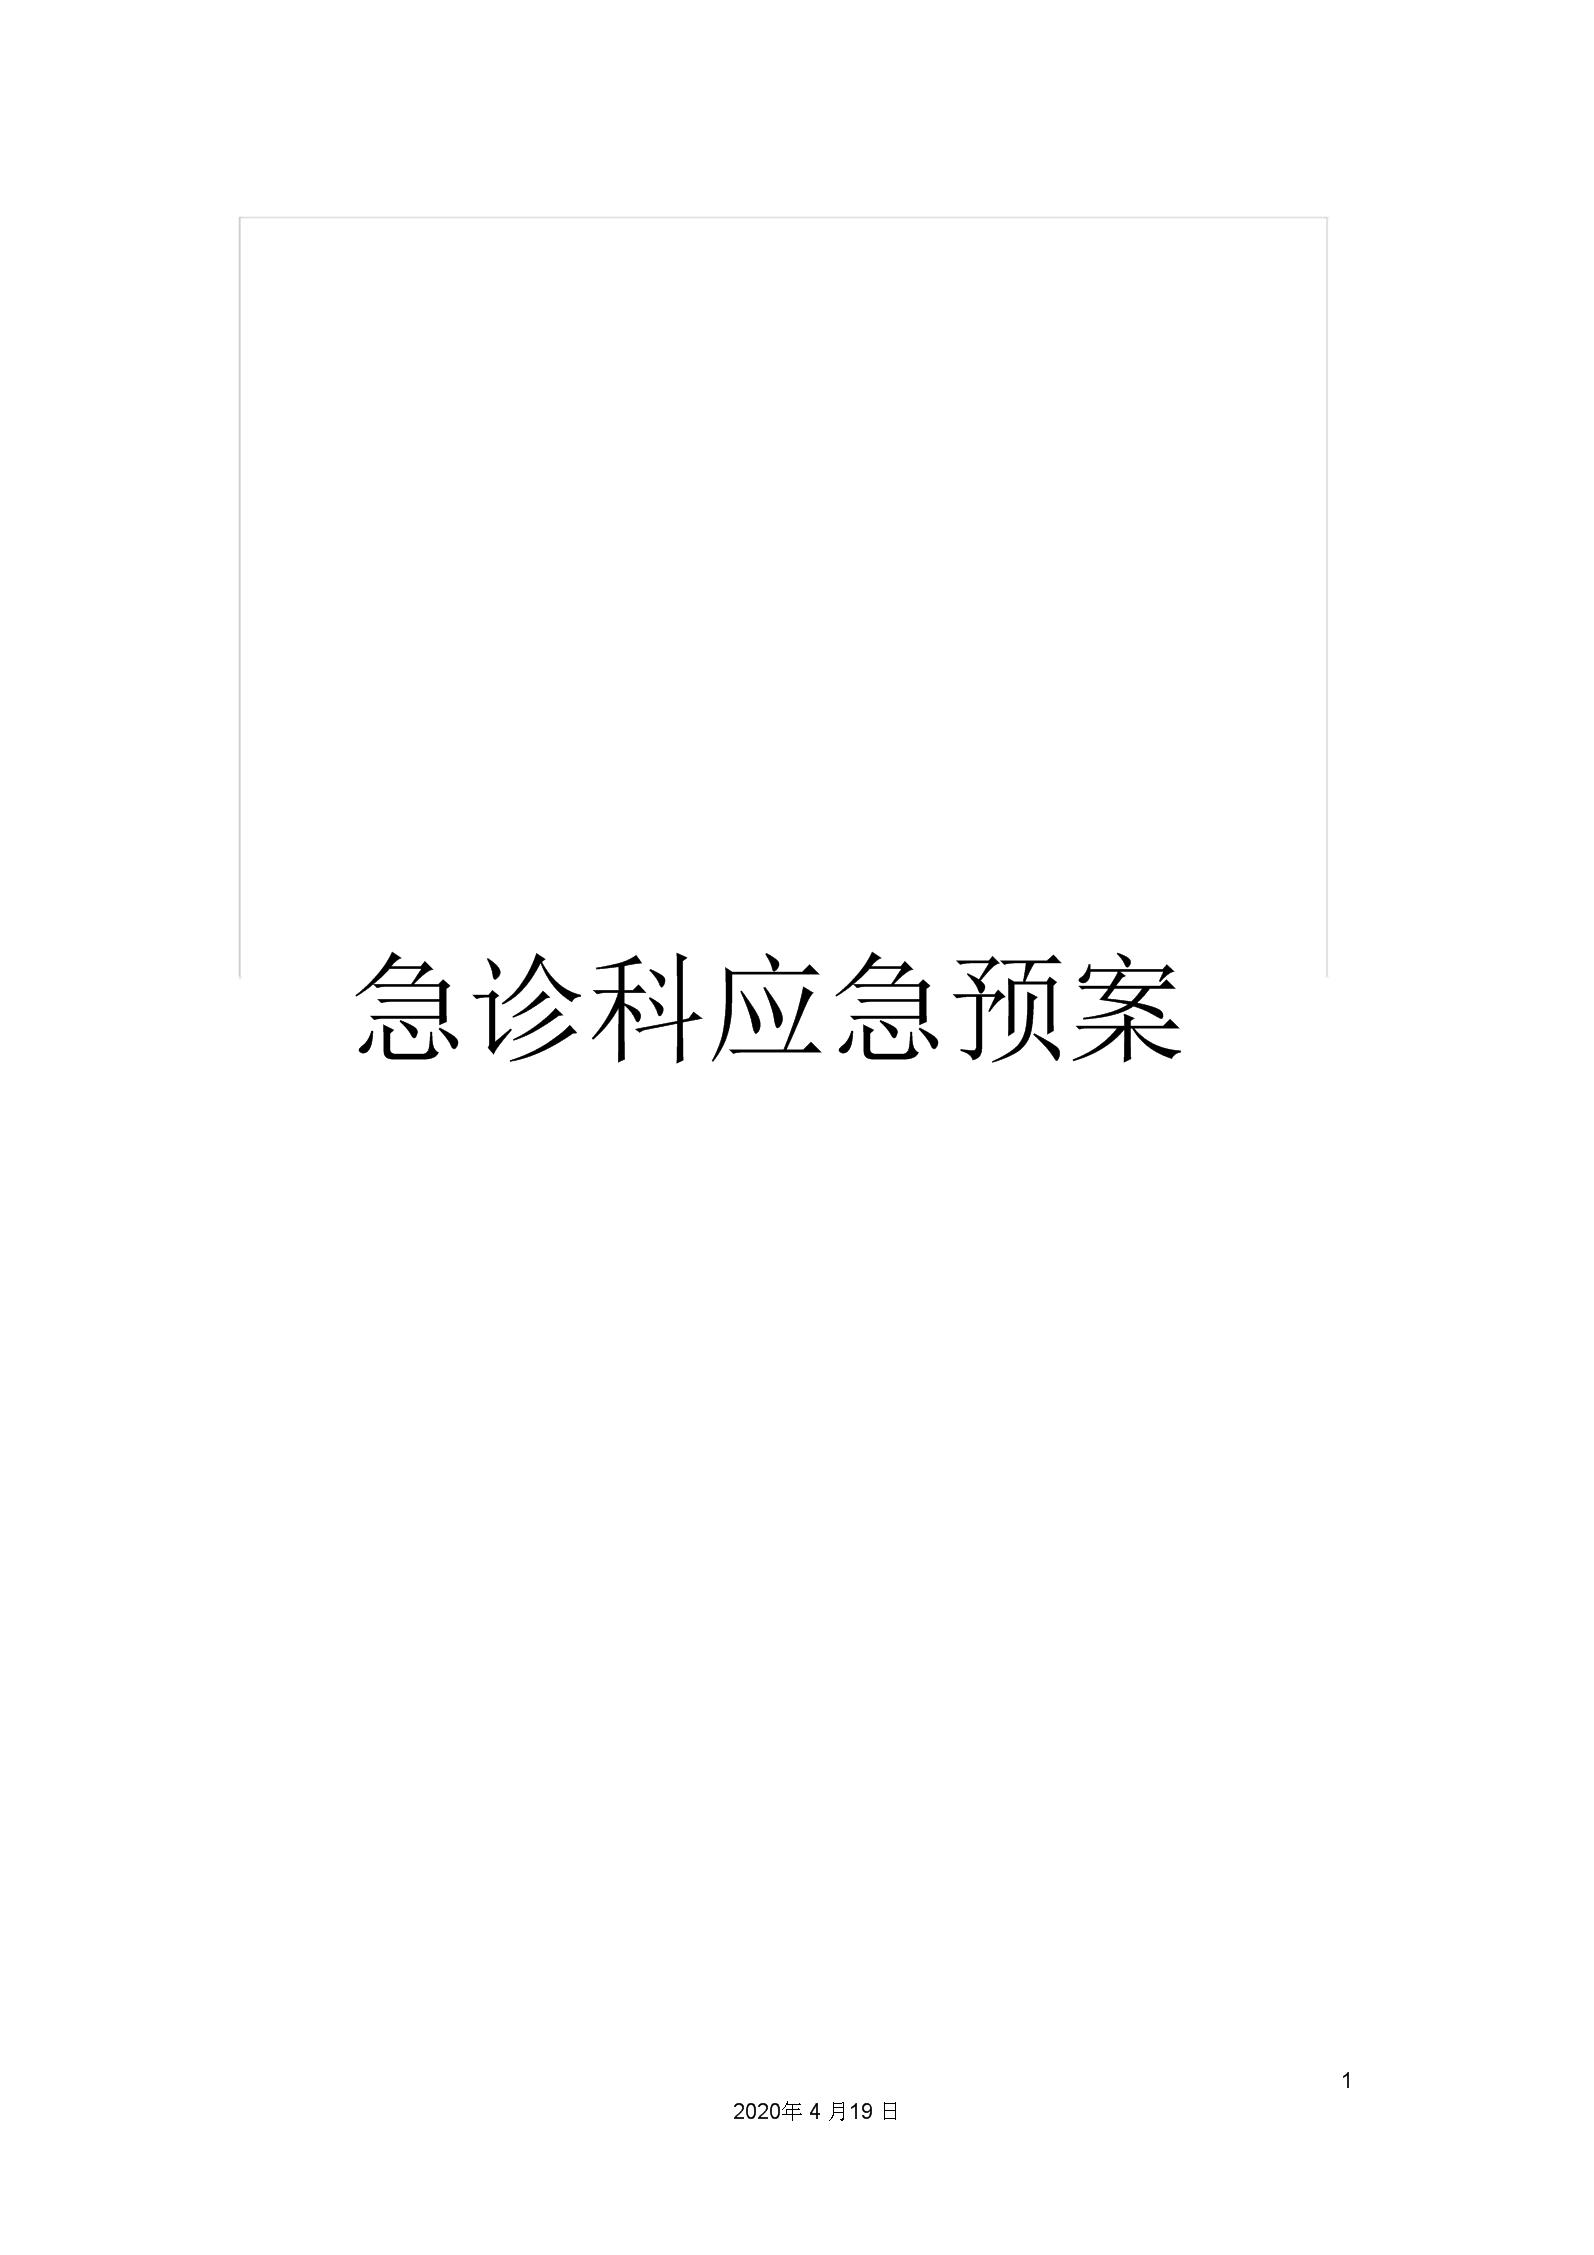 急诊科应急的预案.doc